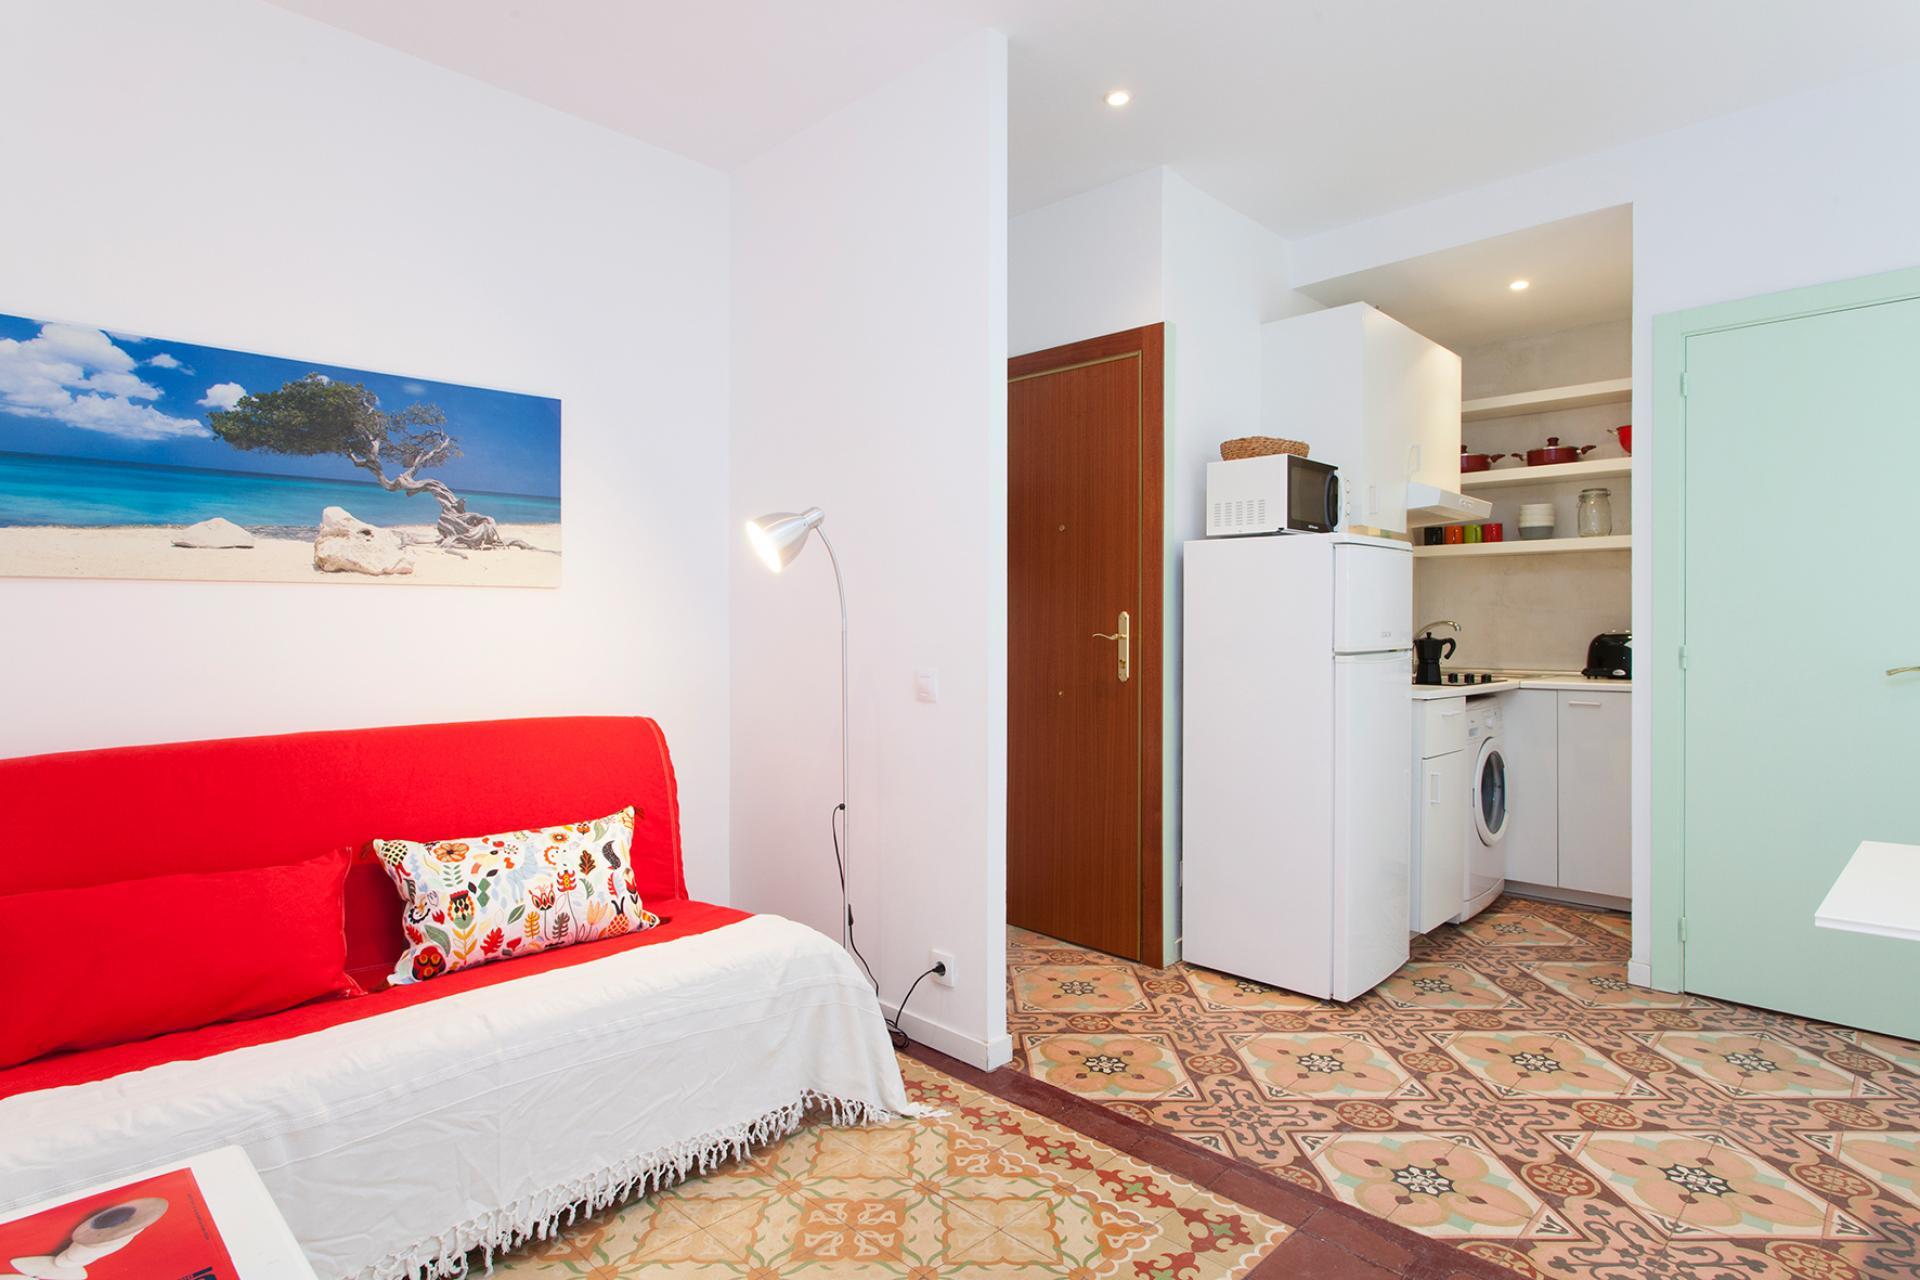 Piso de alquiler mensual en Barceloneta - Del Mar